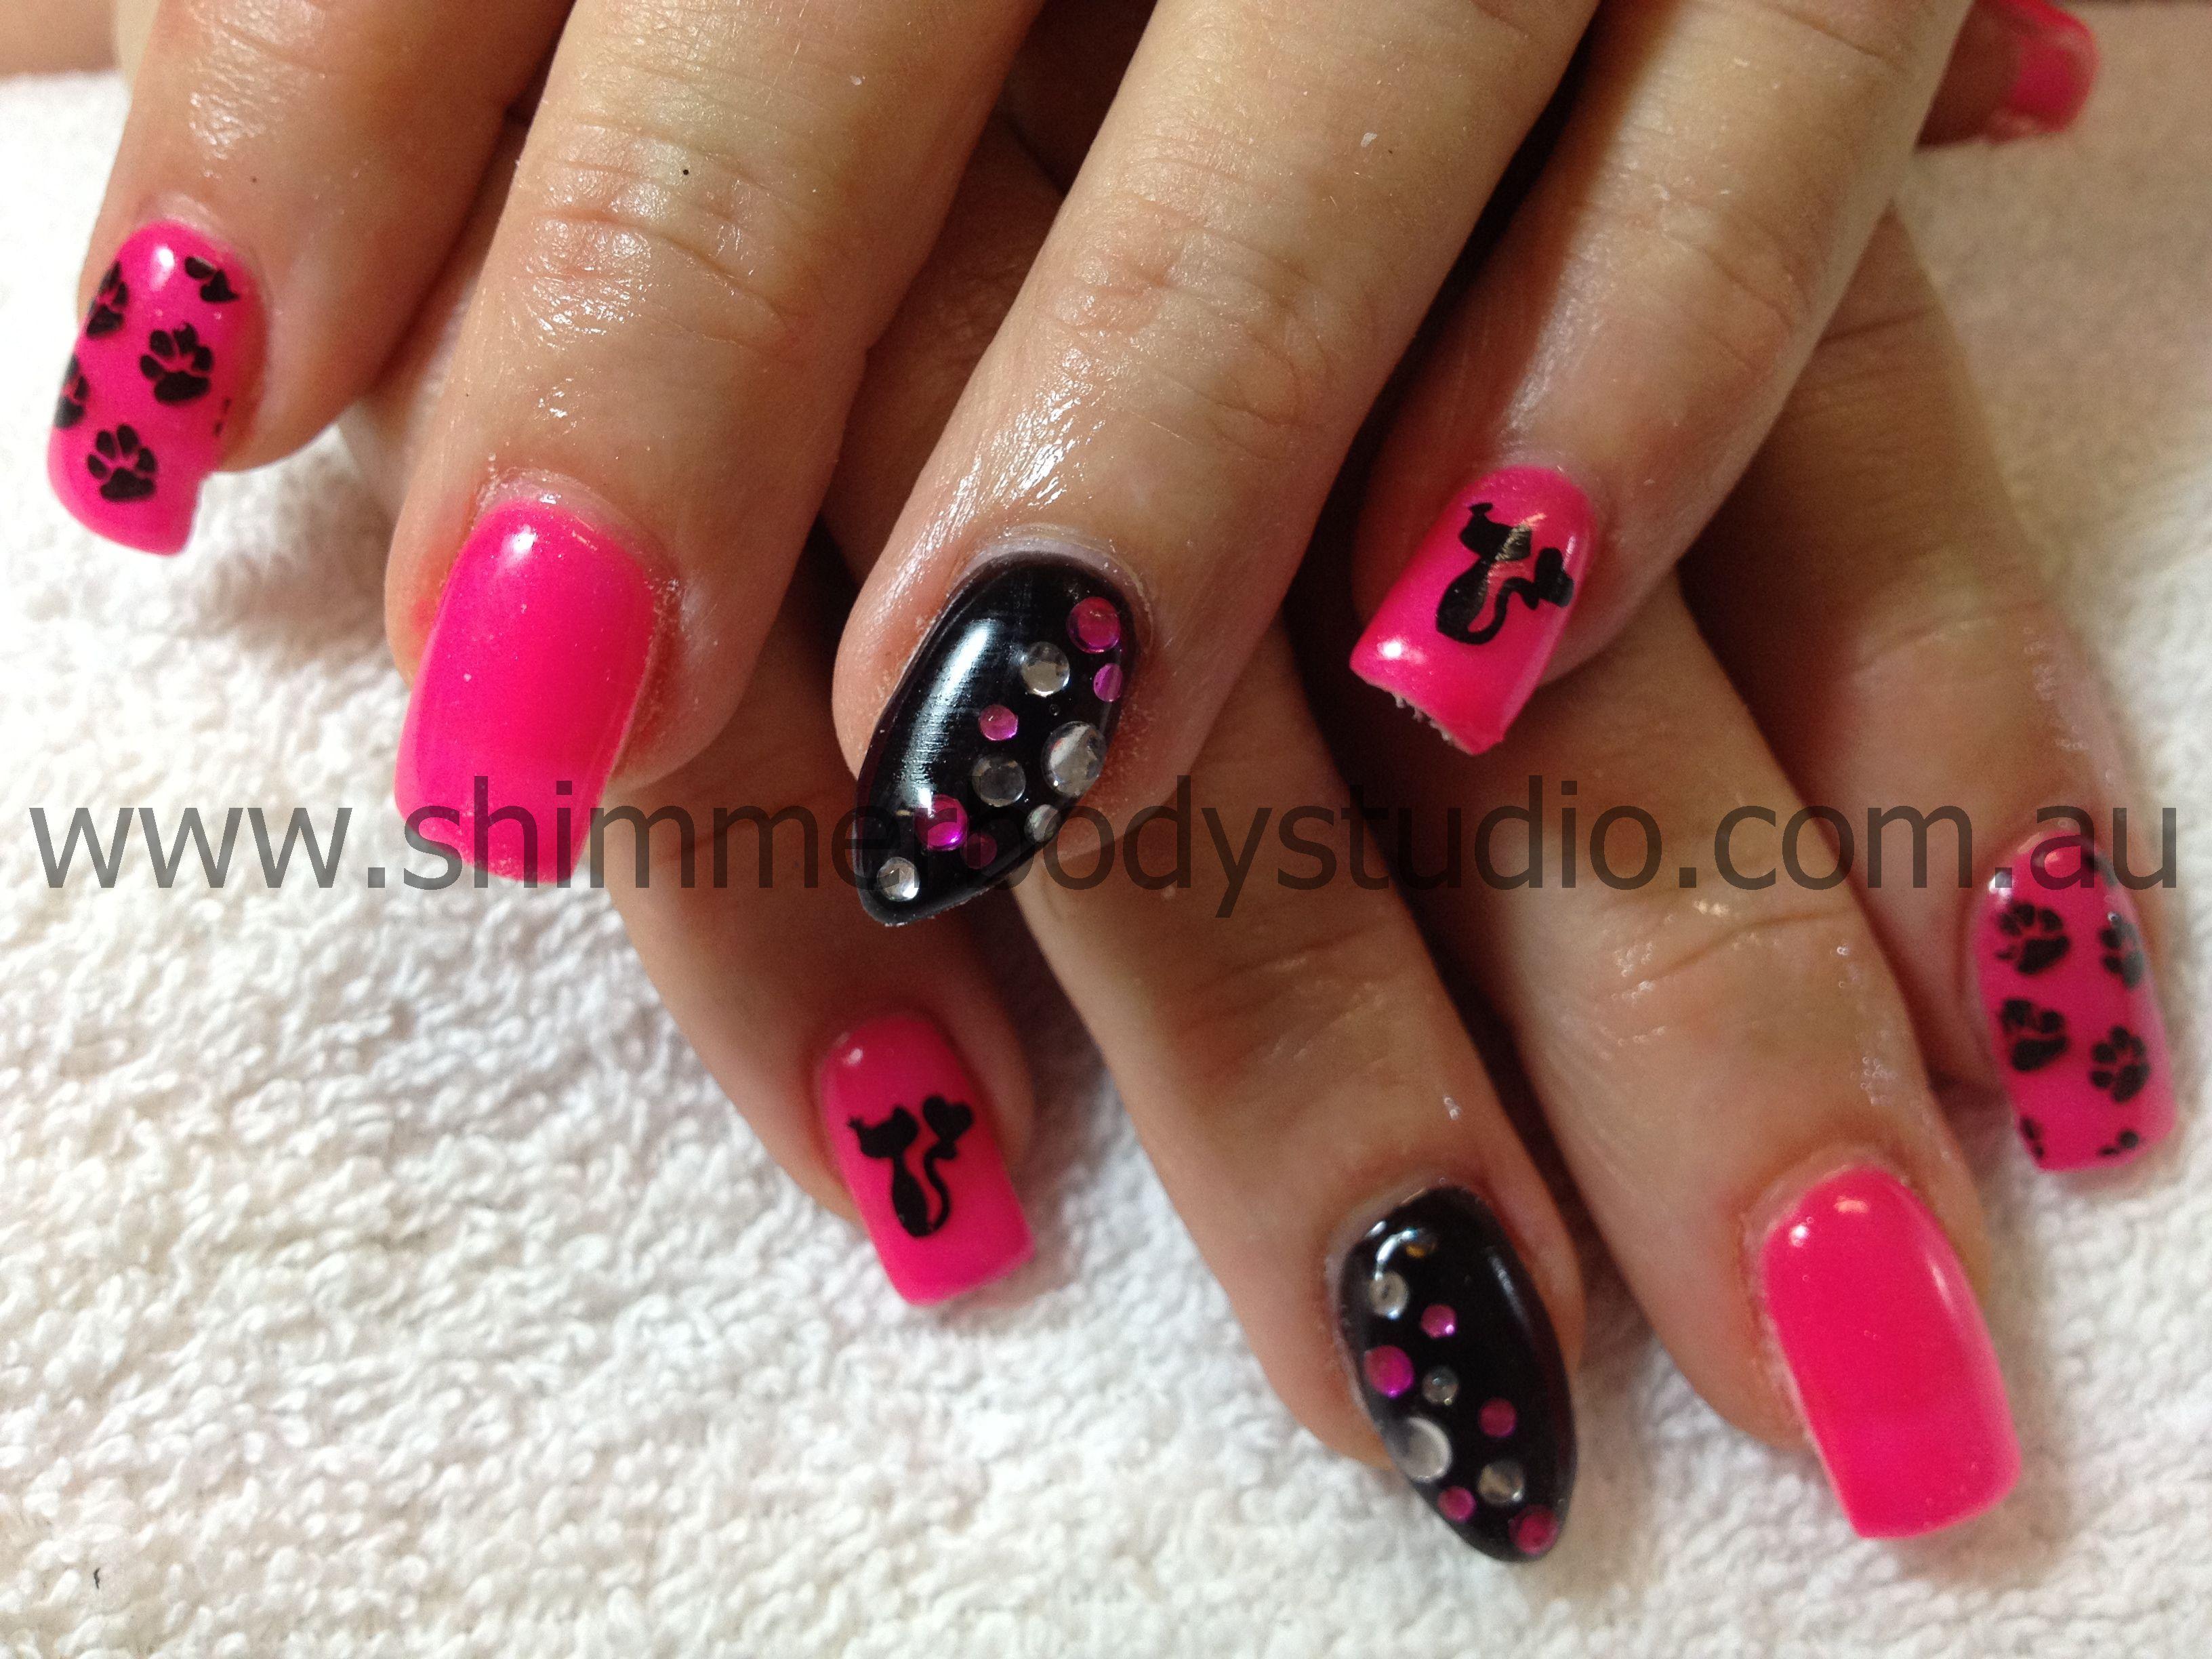 Gel nails, coloured nails, pink, black nails, konad stamping nail ...